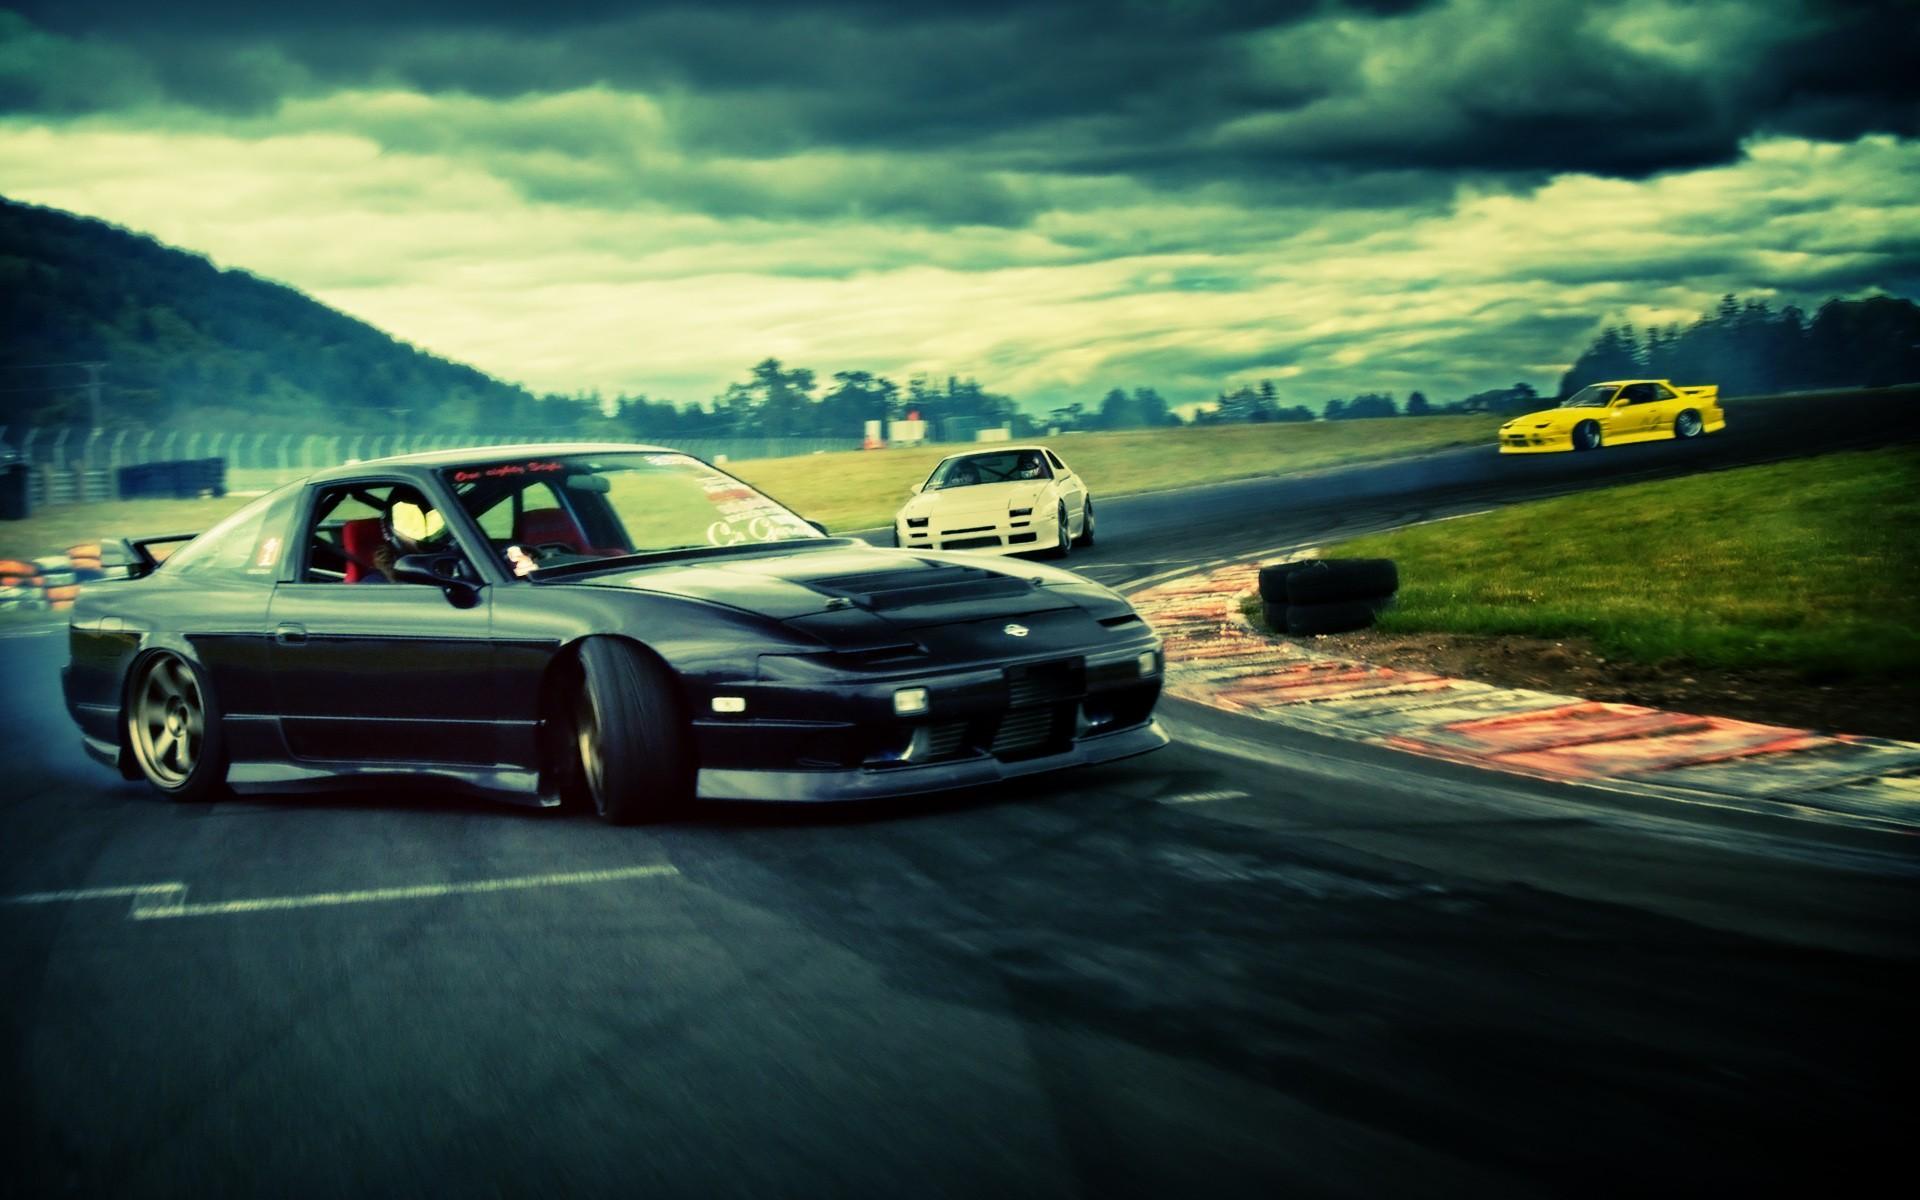 Drifting Nissan 180sx Nissan Silvia S13 Jdm Wide 39102 HD Wallpaper 1920x1200